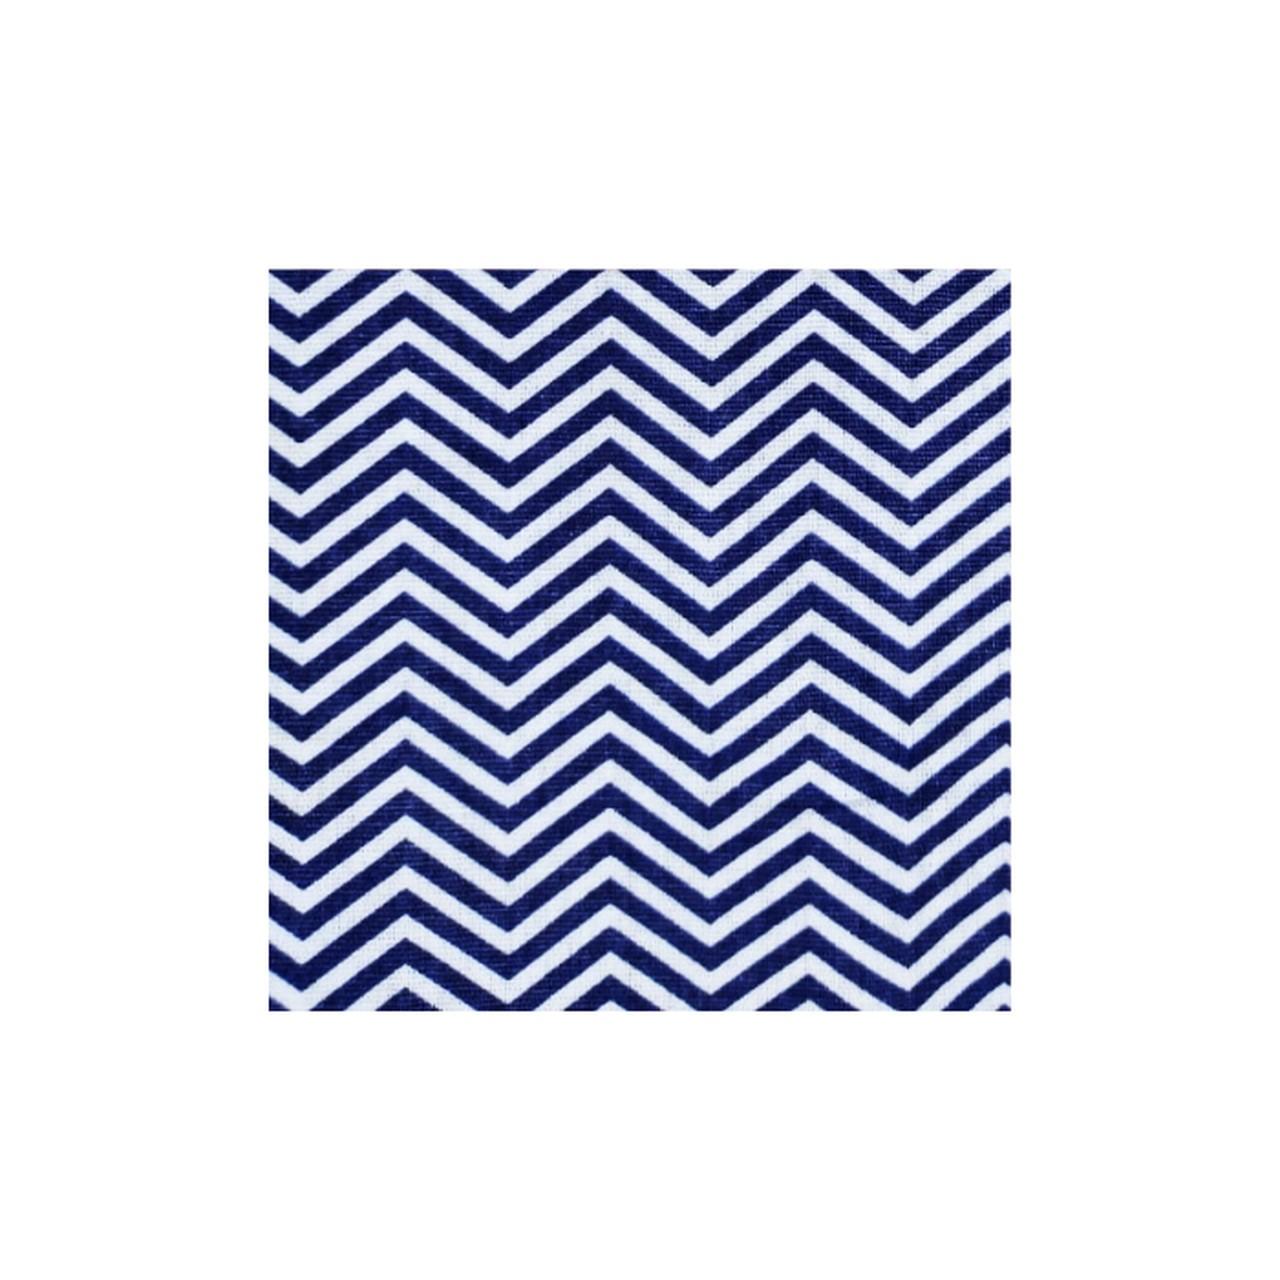 Jogo lençol de elástico solteiro estampa Chevron Trama marinha  - Pomelo Decor